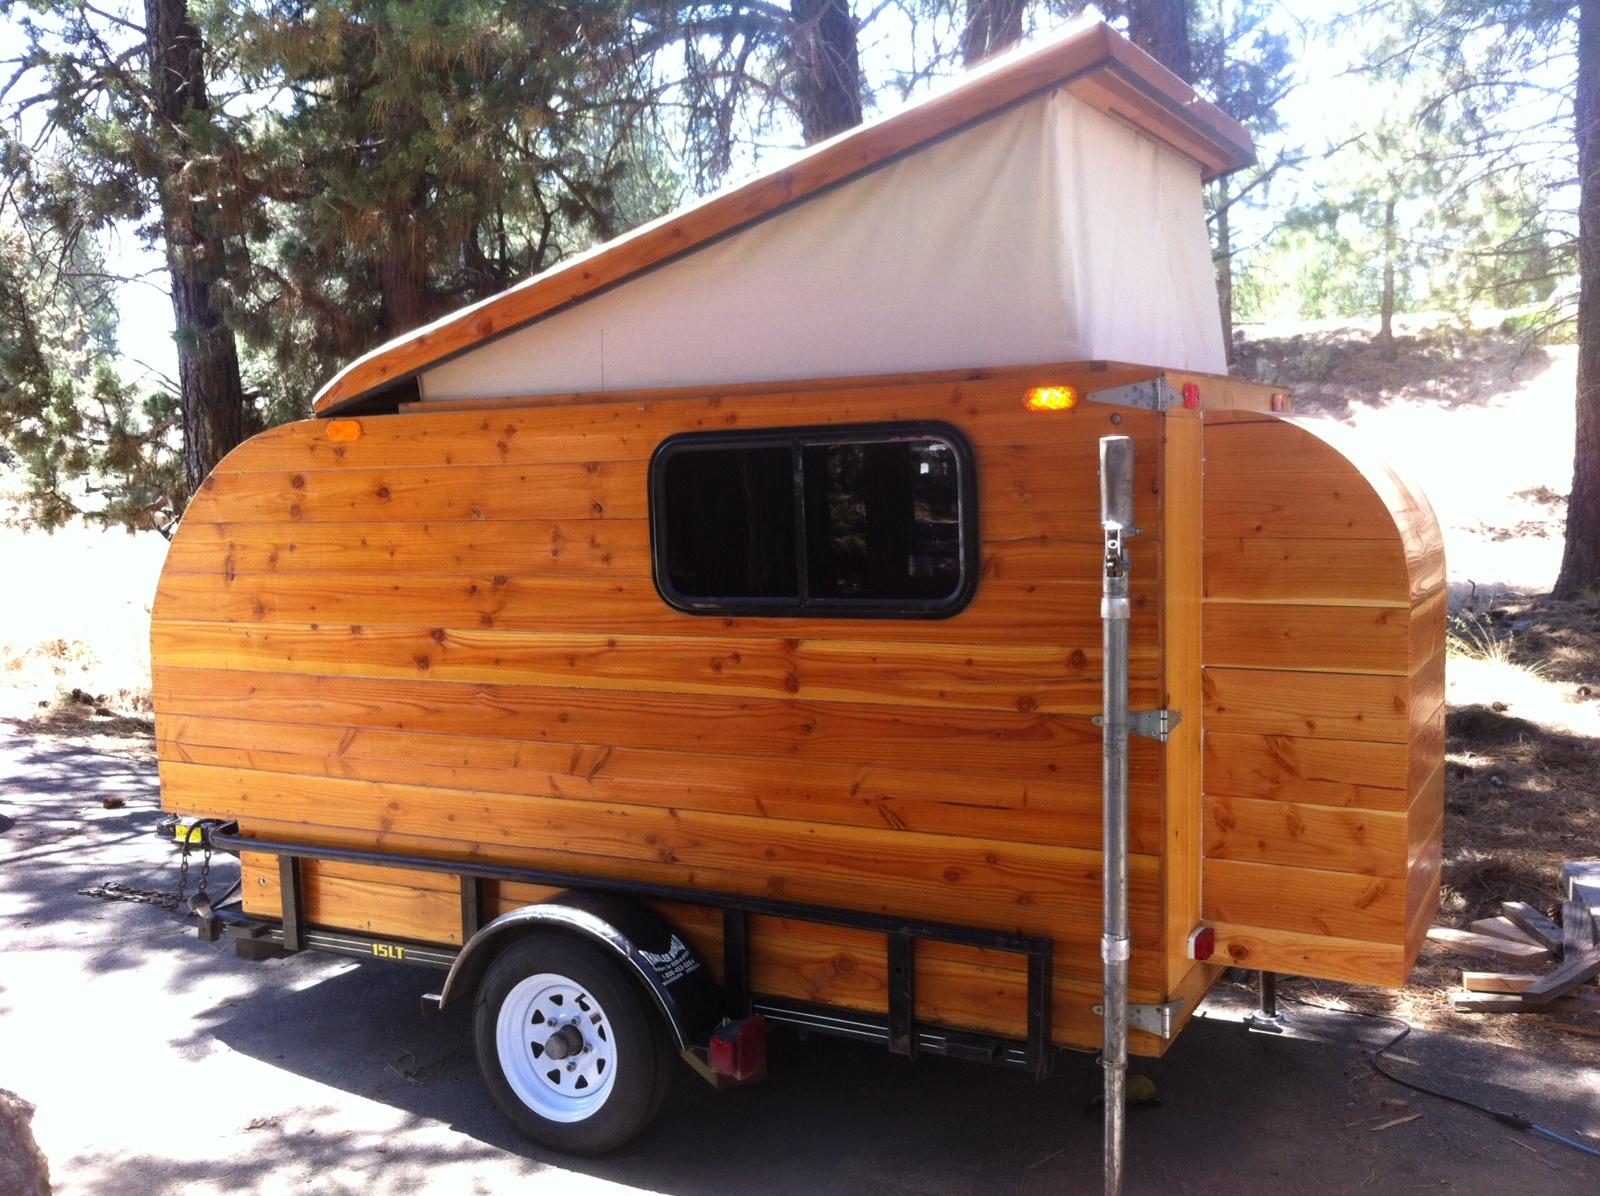 Self-made Wooden Camper (Kleine Cabine)